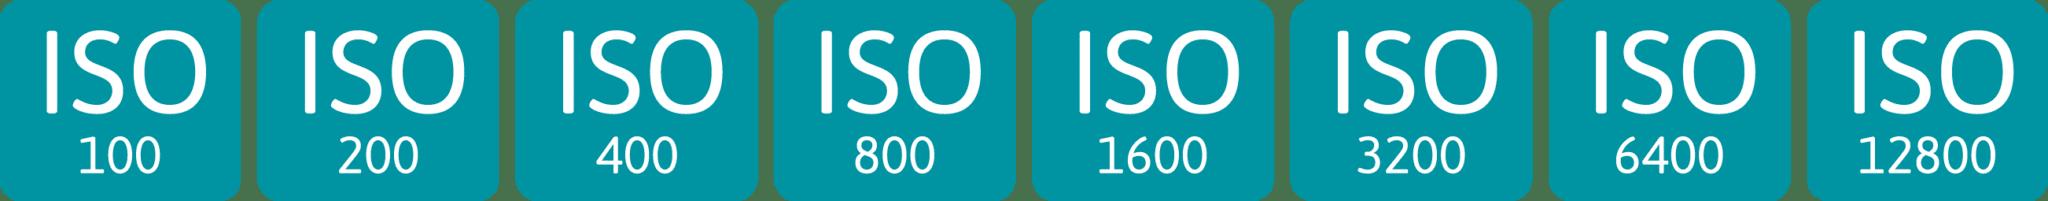 échelle de la sensibilité ISO allant de ISO 100 à ISO 12800